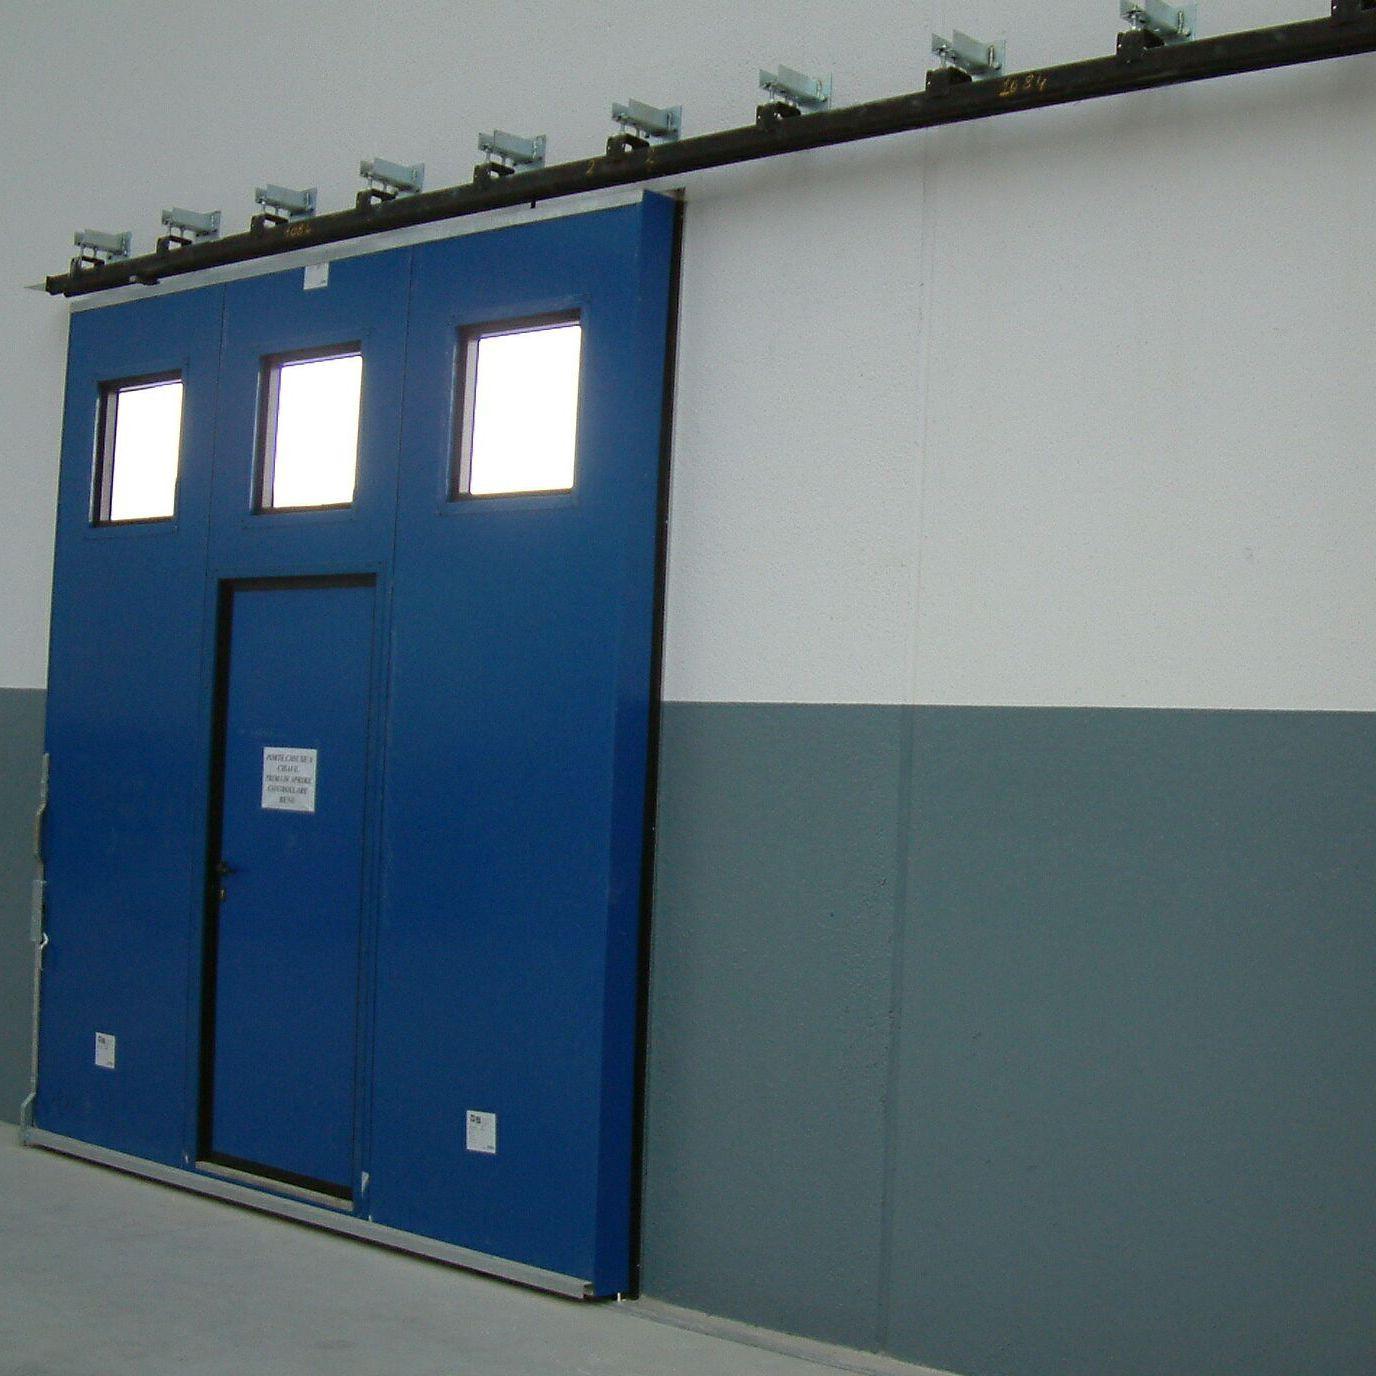 puertas correderas de metal para exterior industriales ps 3000 - Puertas Correderas Exteriores